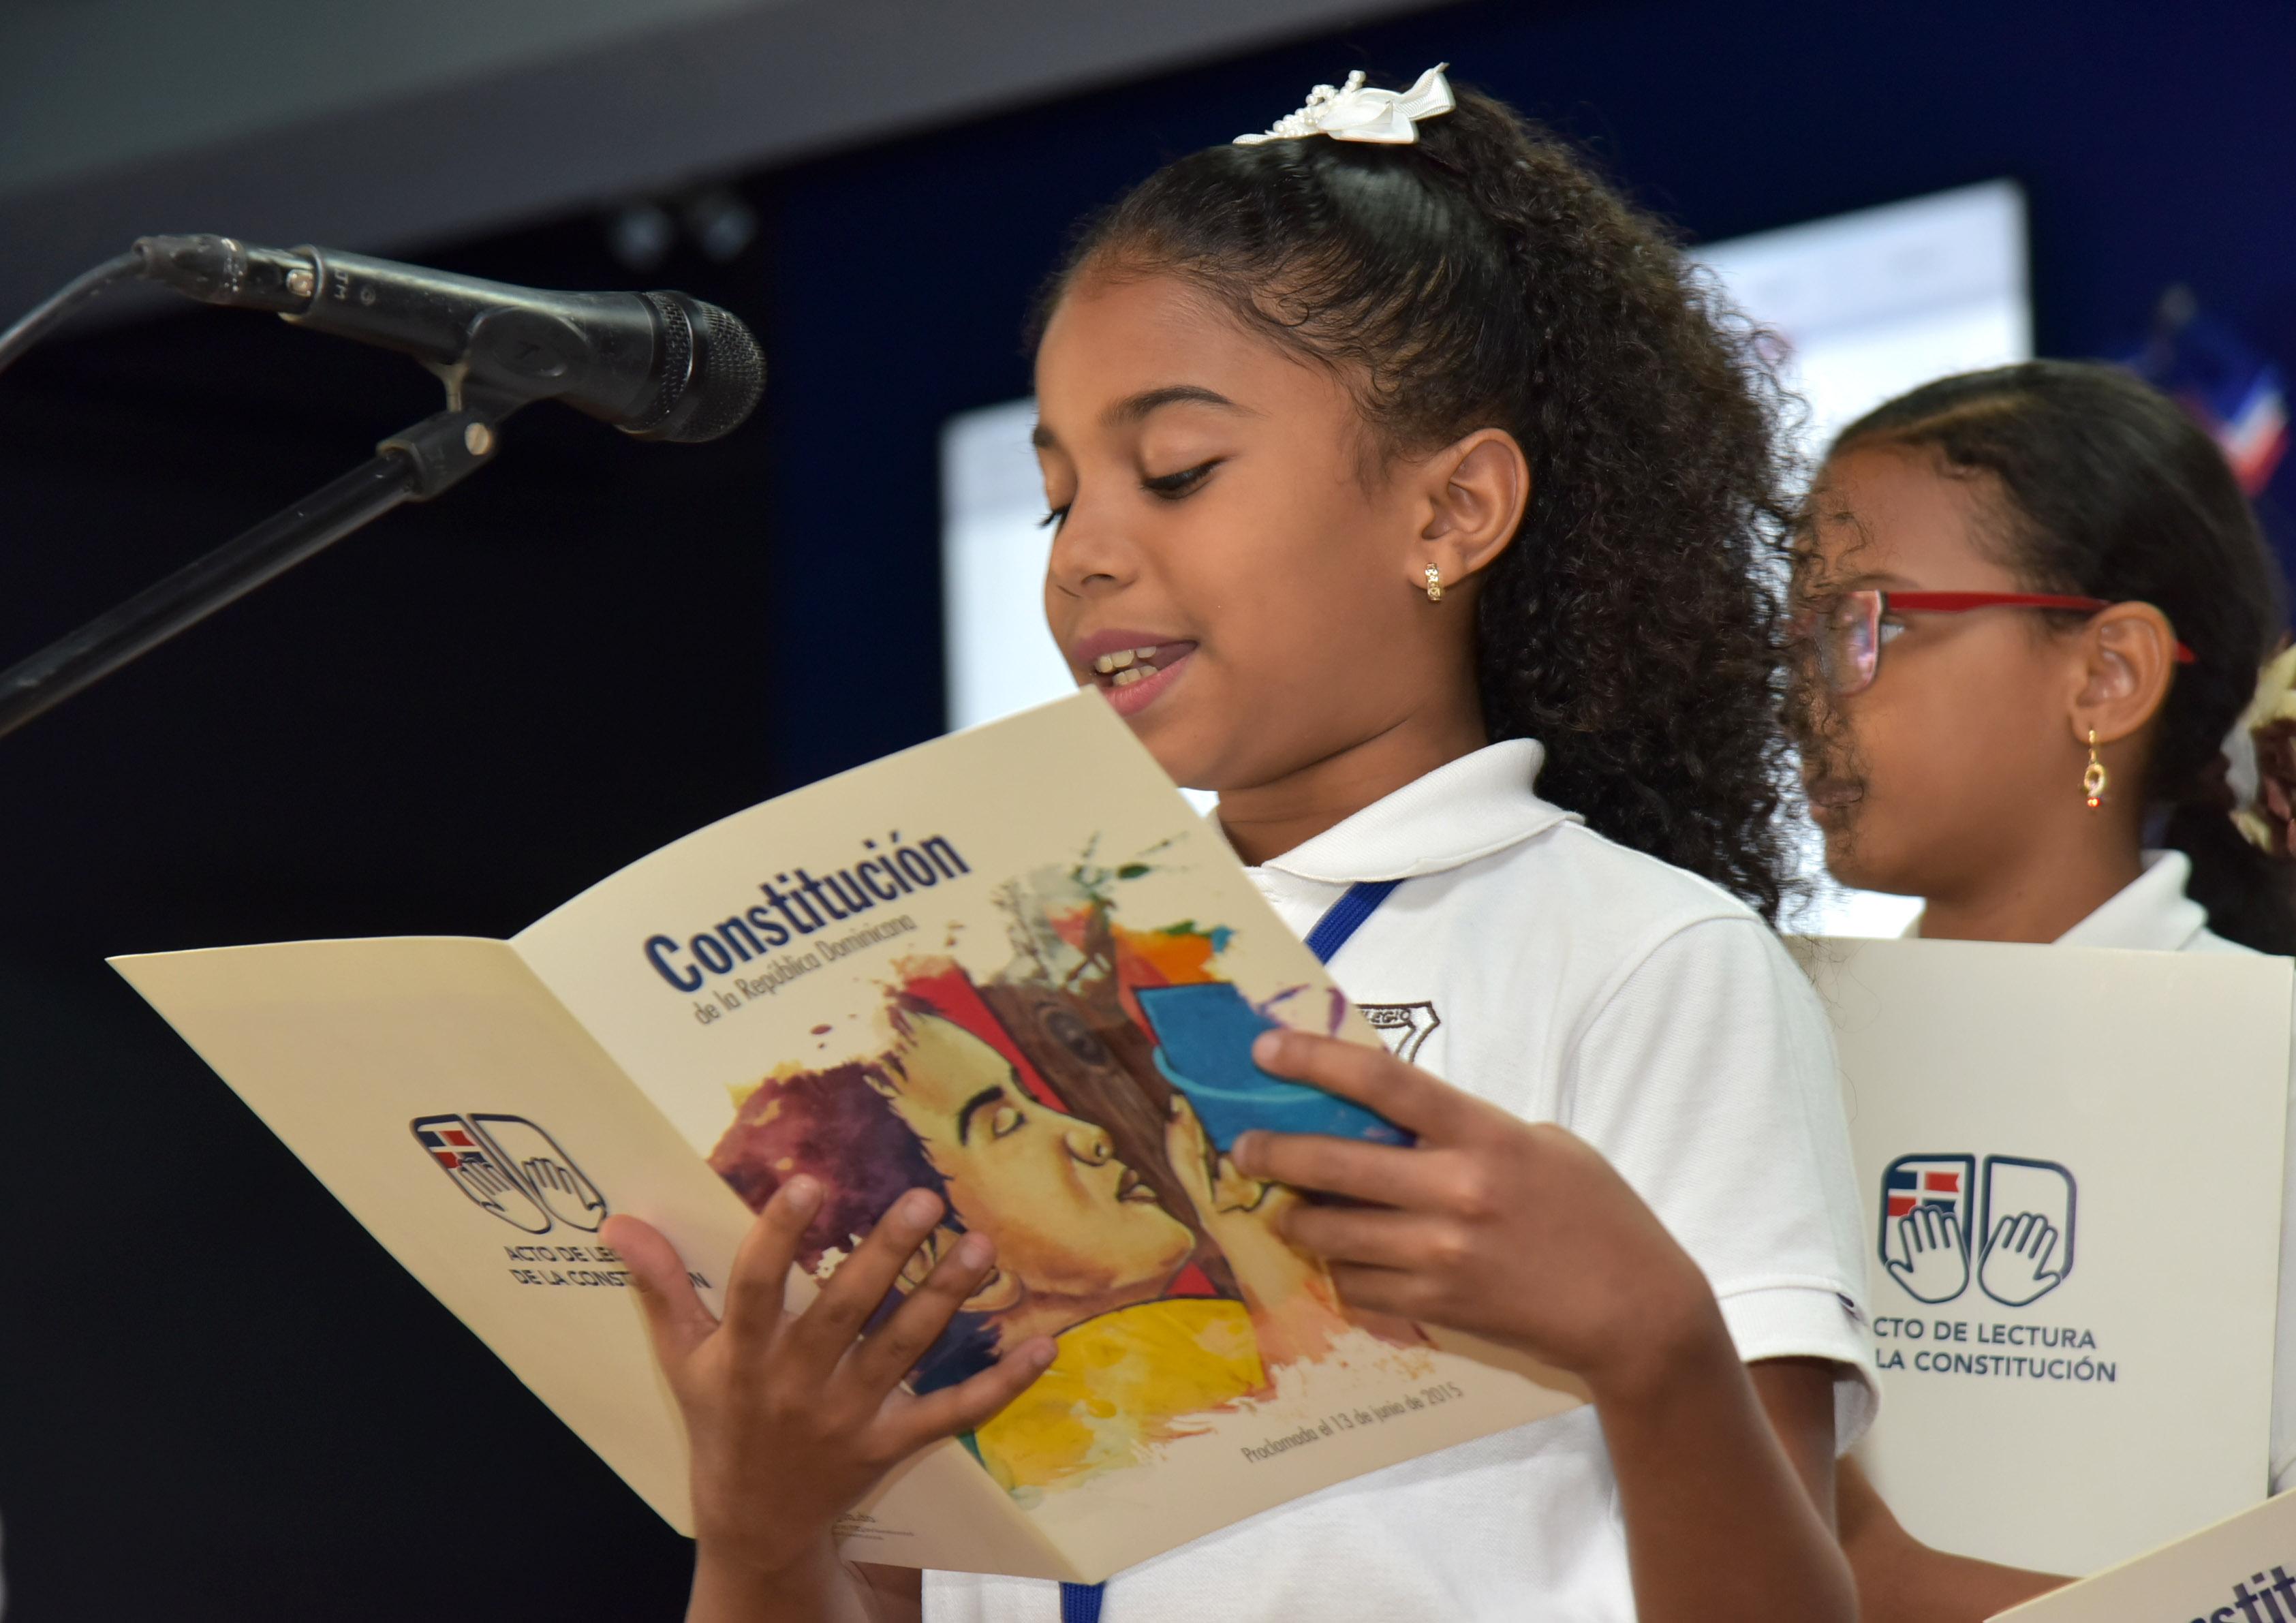 Minerd aboga por fomentar la lecturade de la Constitución en escuelas